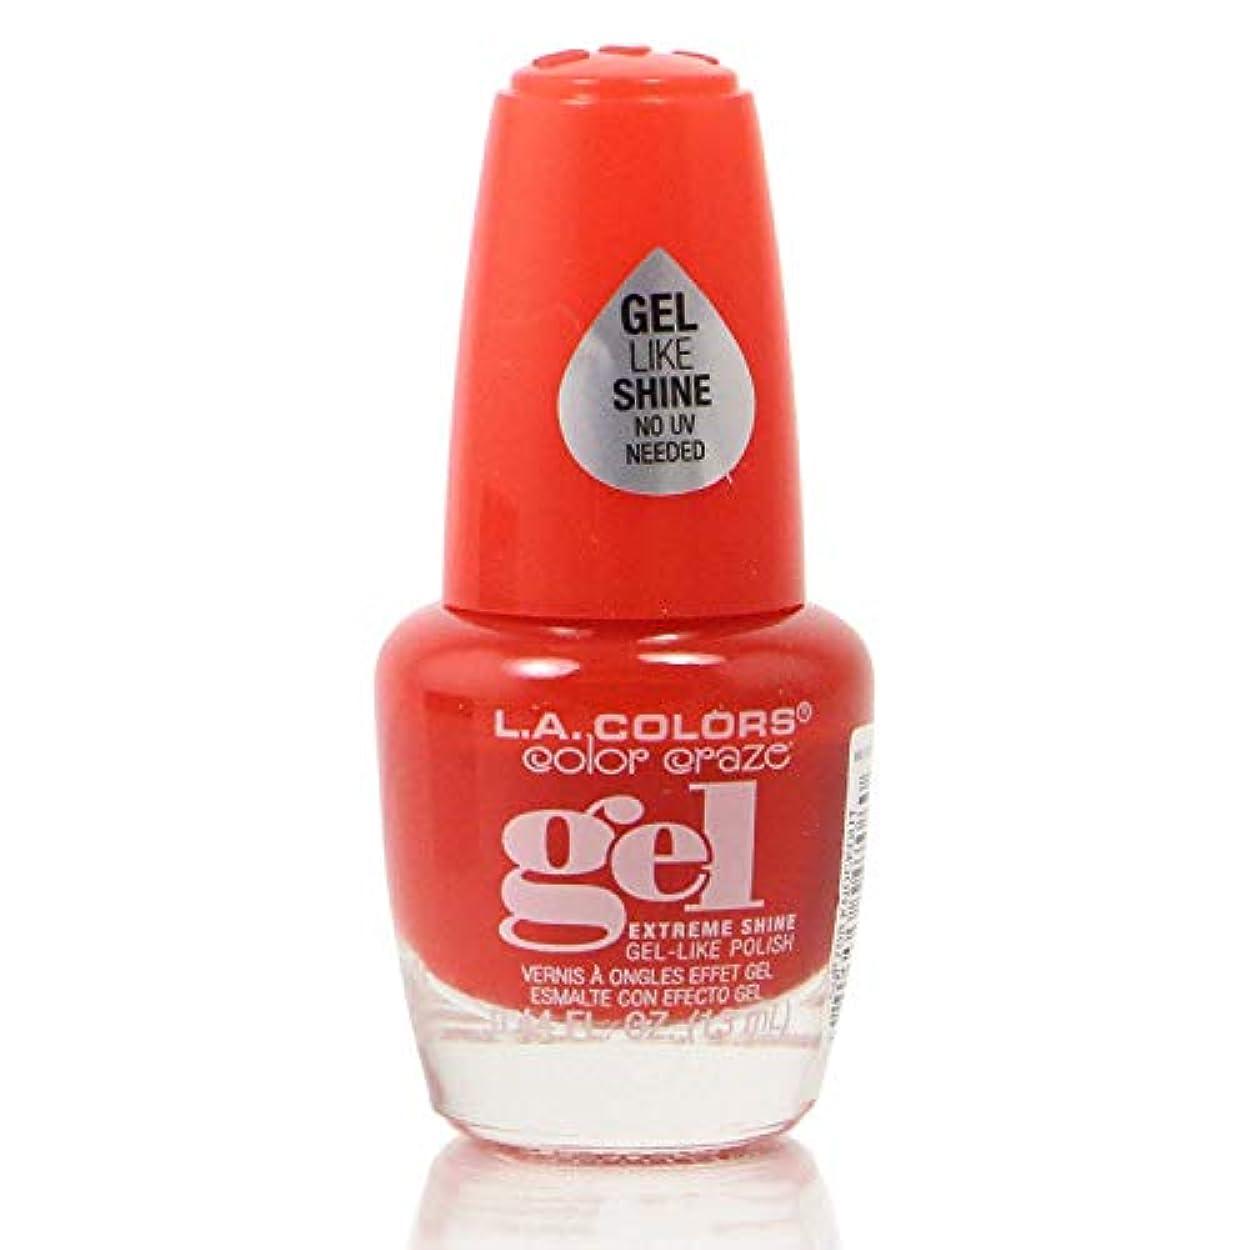 バルクキラウエア山まどろみのあるLA Colors 美容化粧品21 Cnp708美容化粧品21